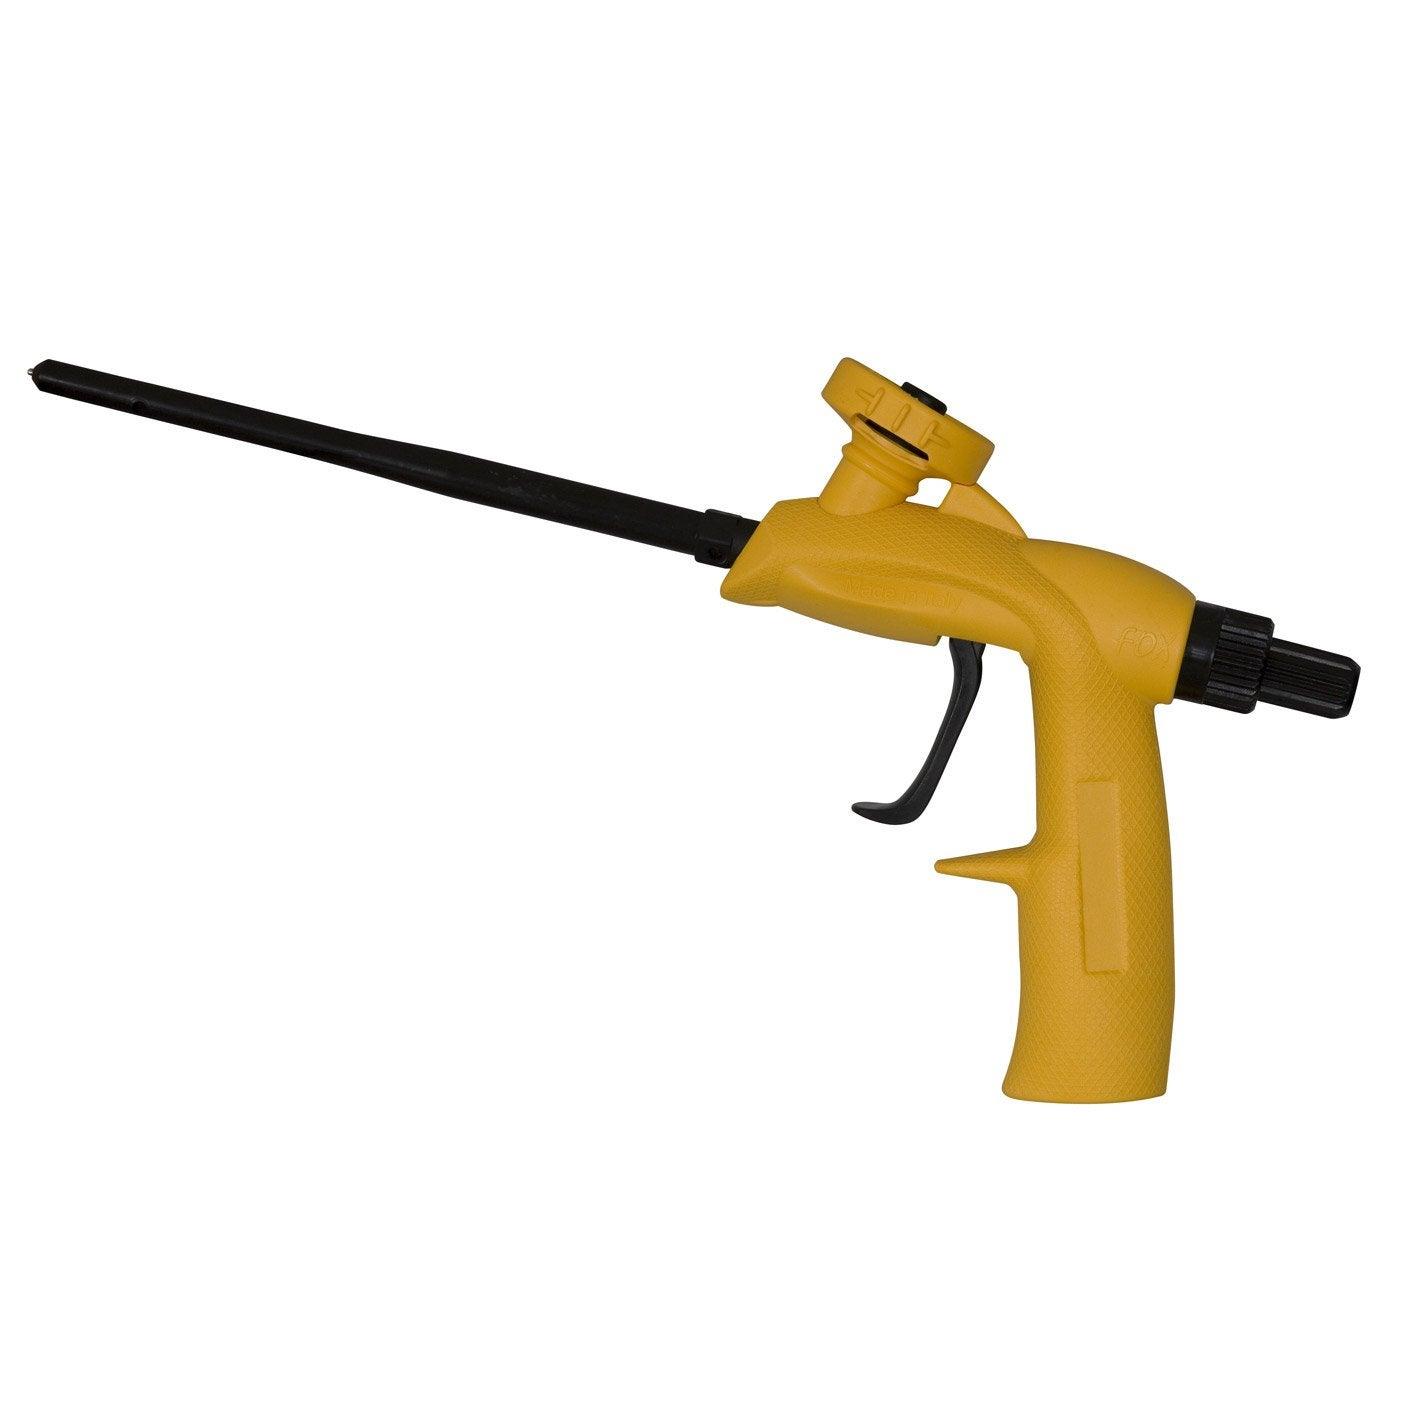 Pistolet mousse - Pistolet mousse polyurethane ...